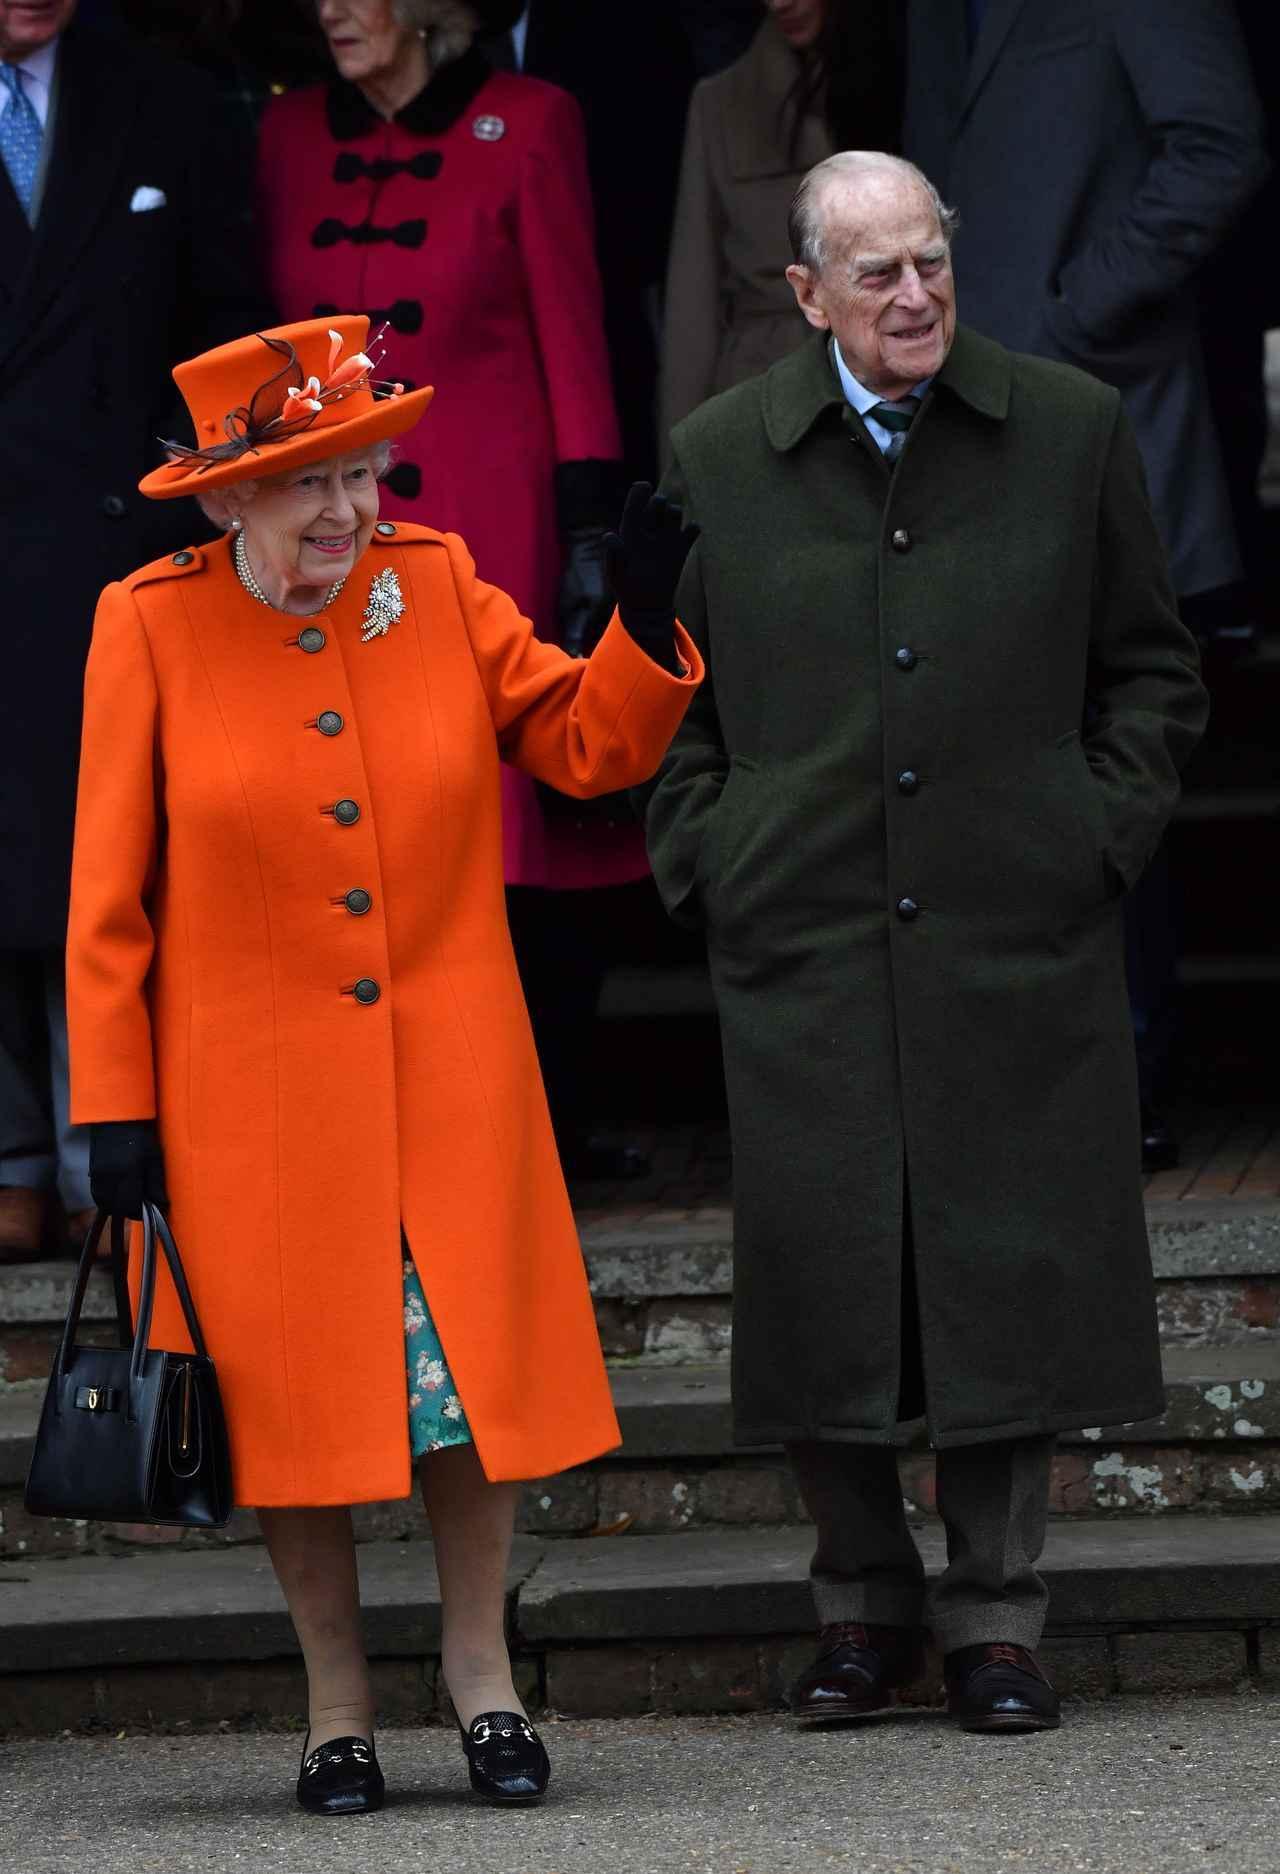 画像4: キャサリン妃とのショットも!ヘンリー王子の婚約者メーガン、英王室の恒例行事に参加